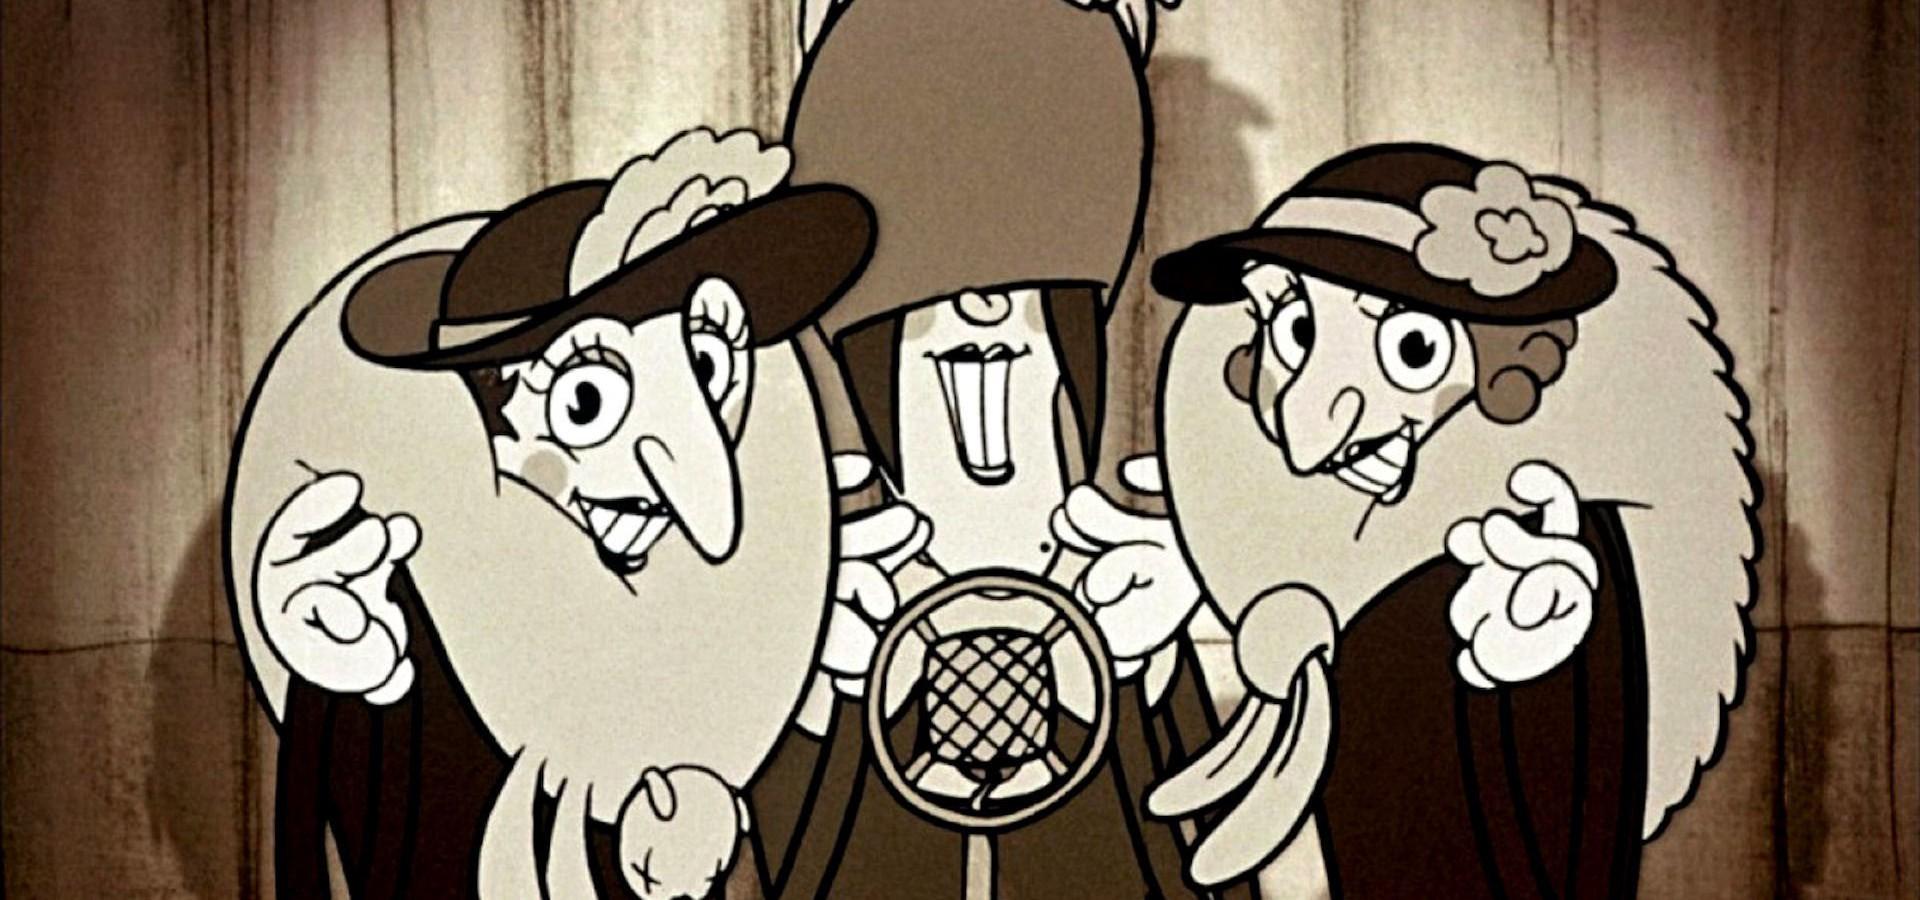 The Triplets of Belleville